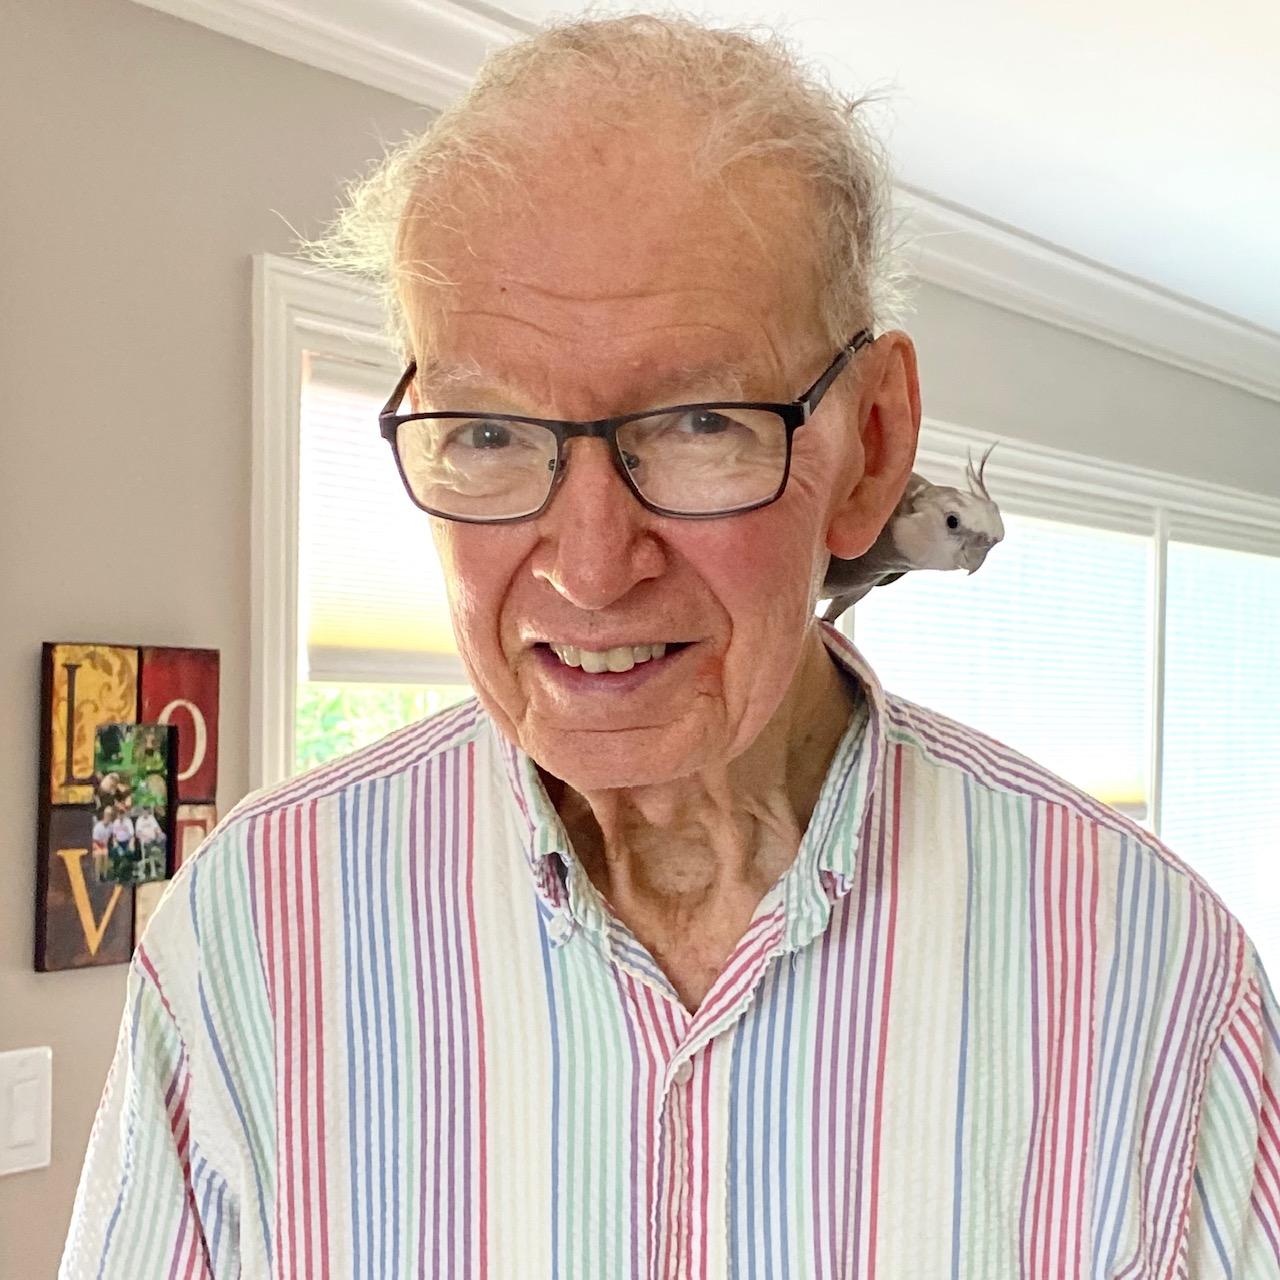 cockatiel sits on grandpa's shoulder